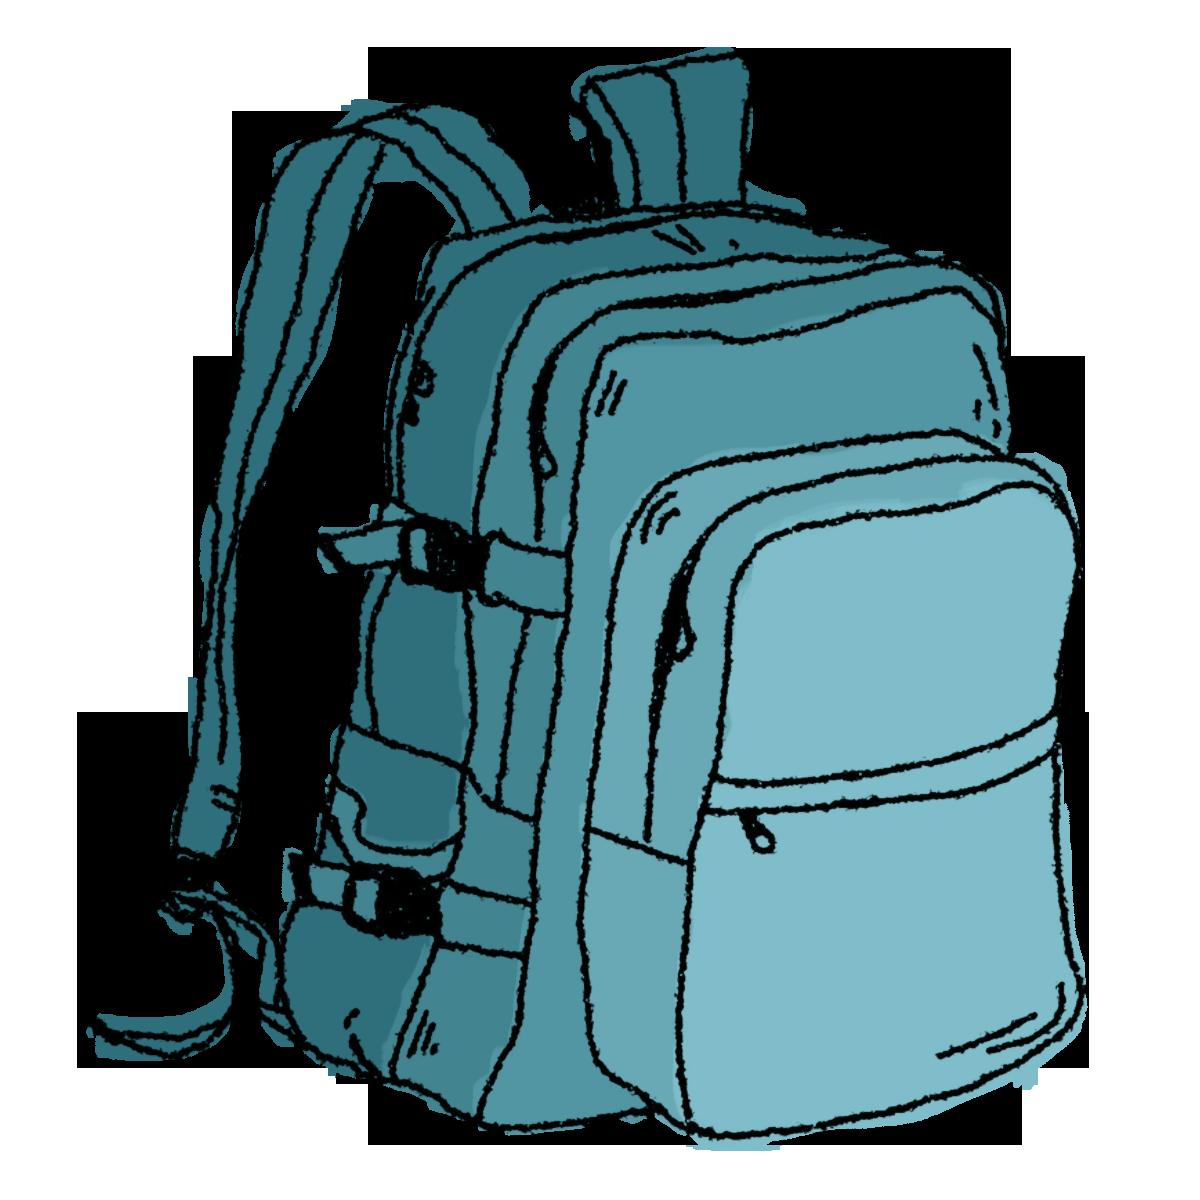 Hiking Backpack Clip Art Free.